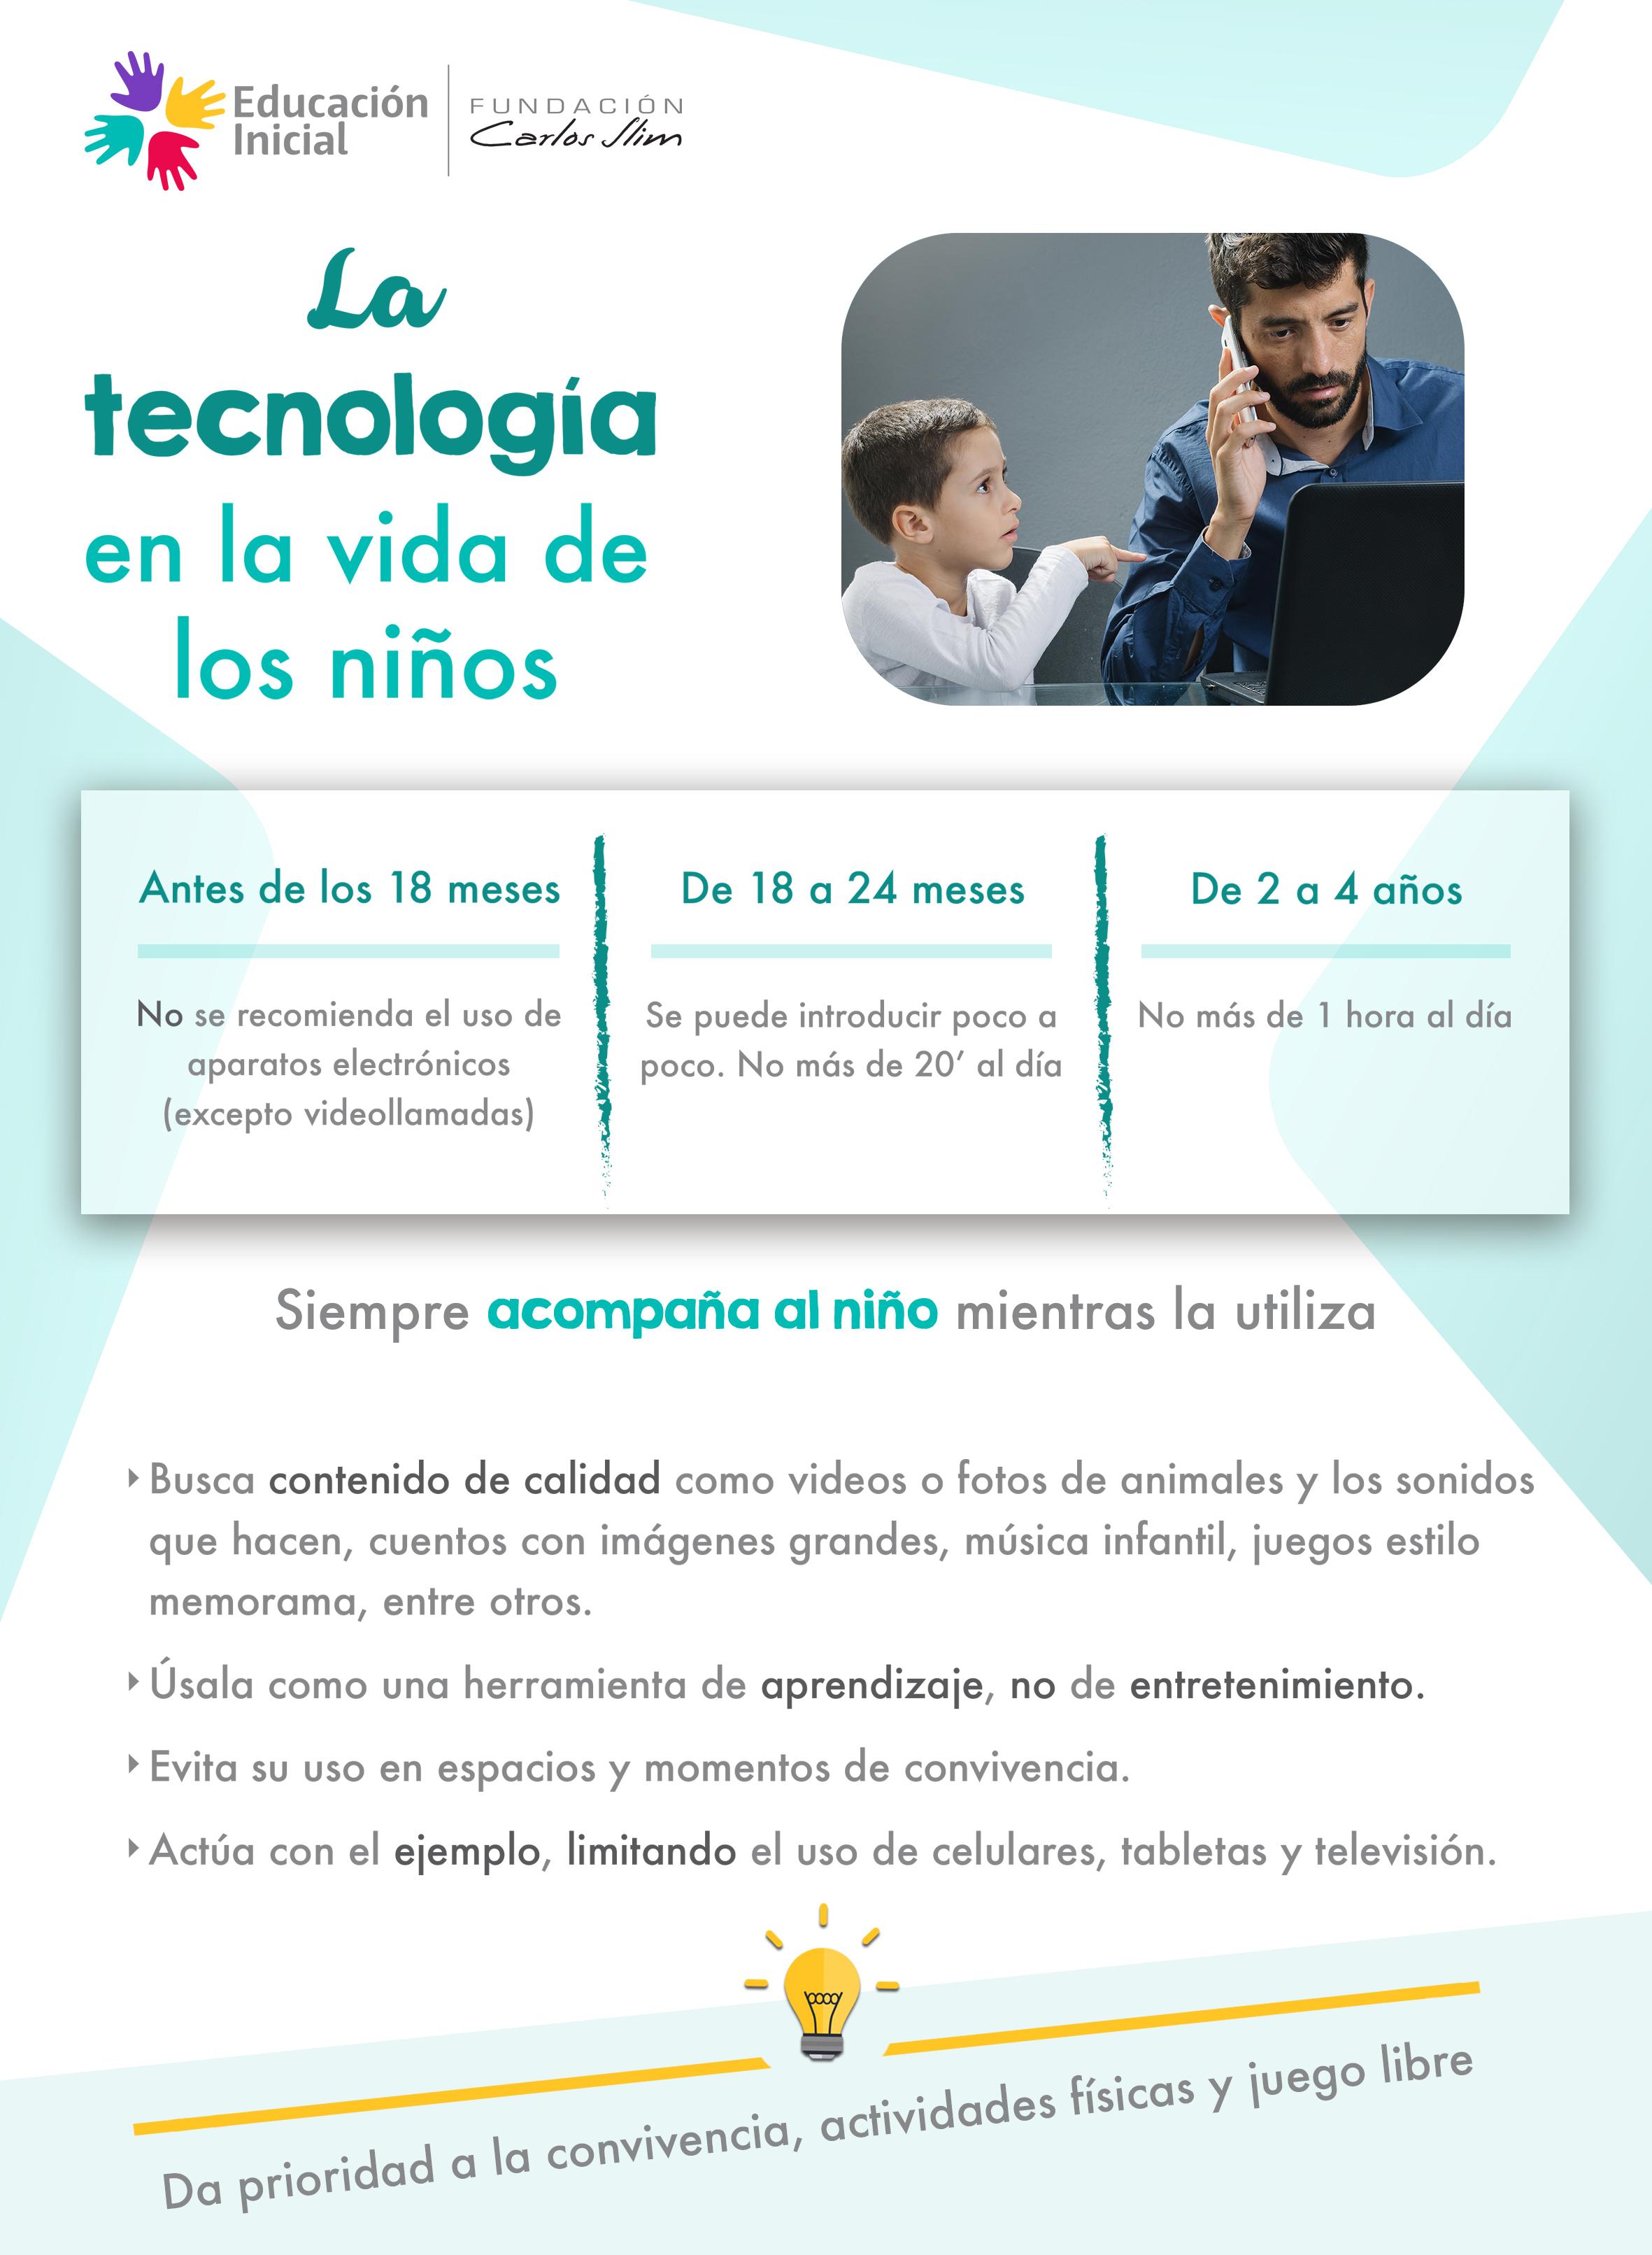 La tecnología en la vida de los niños